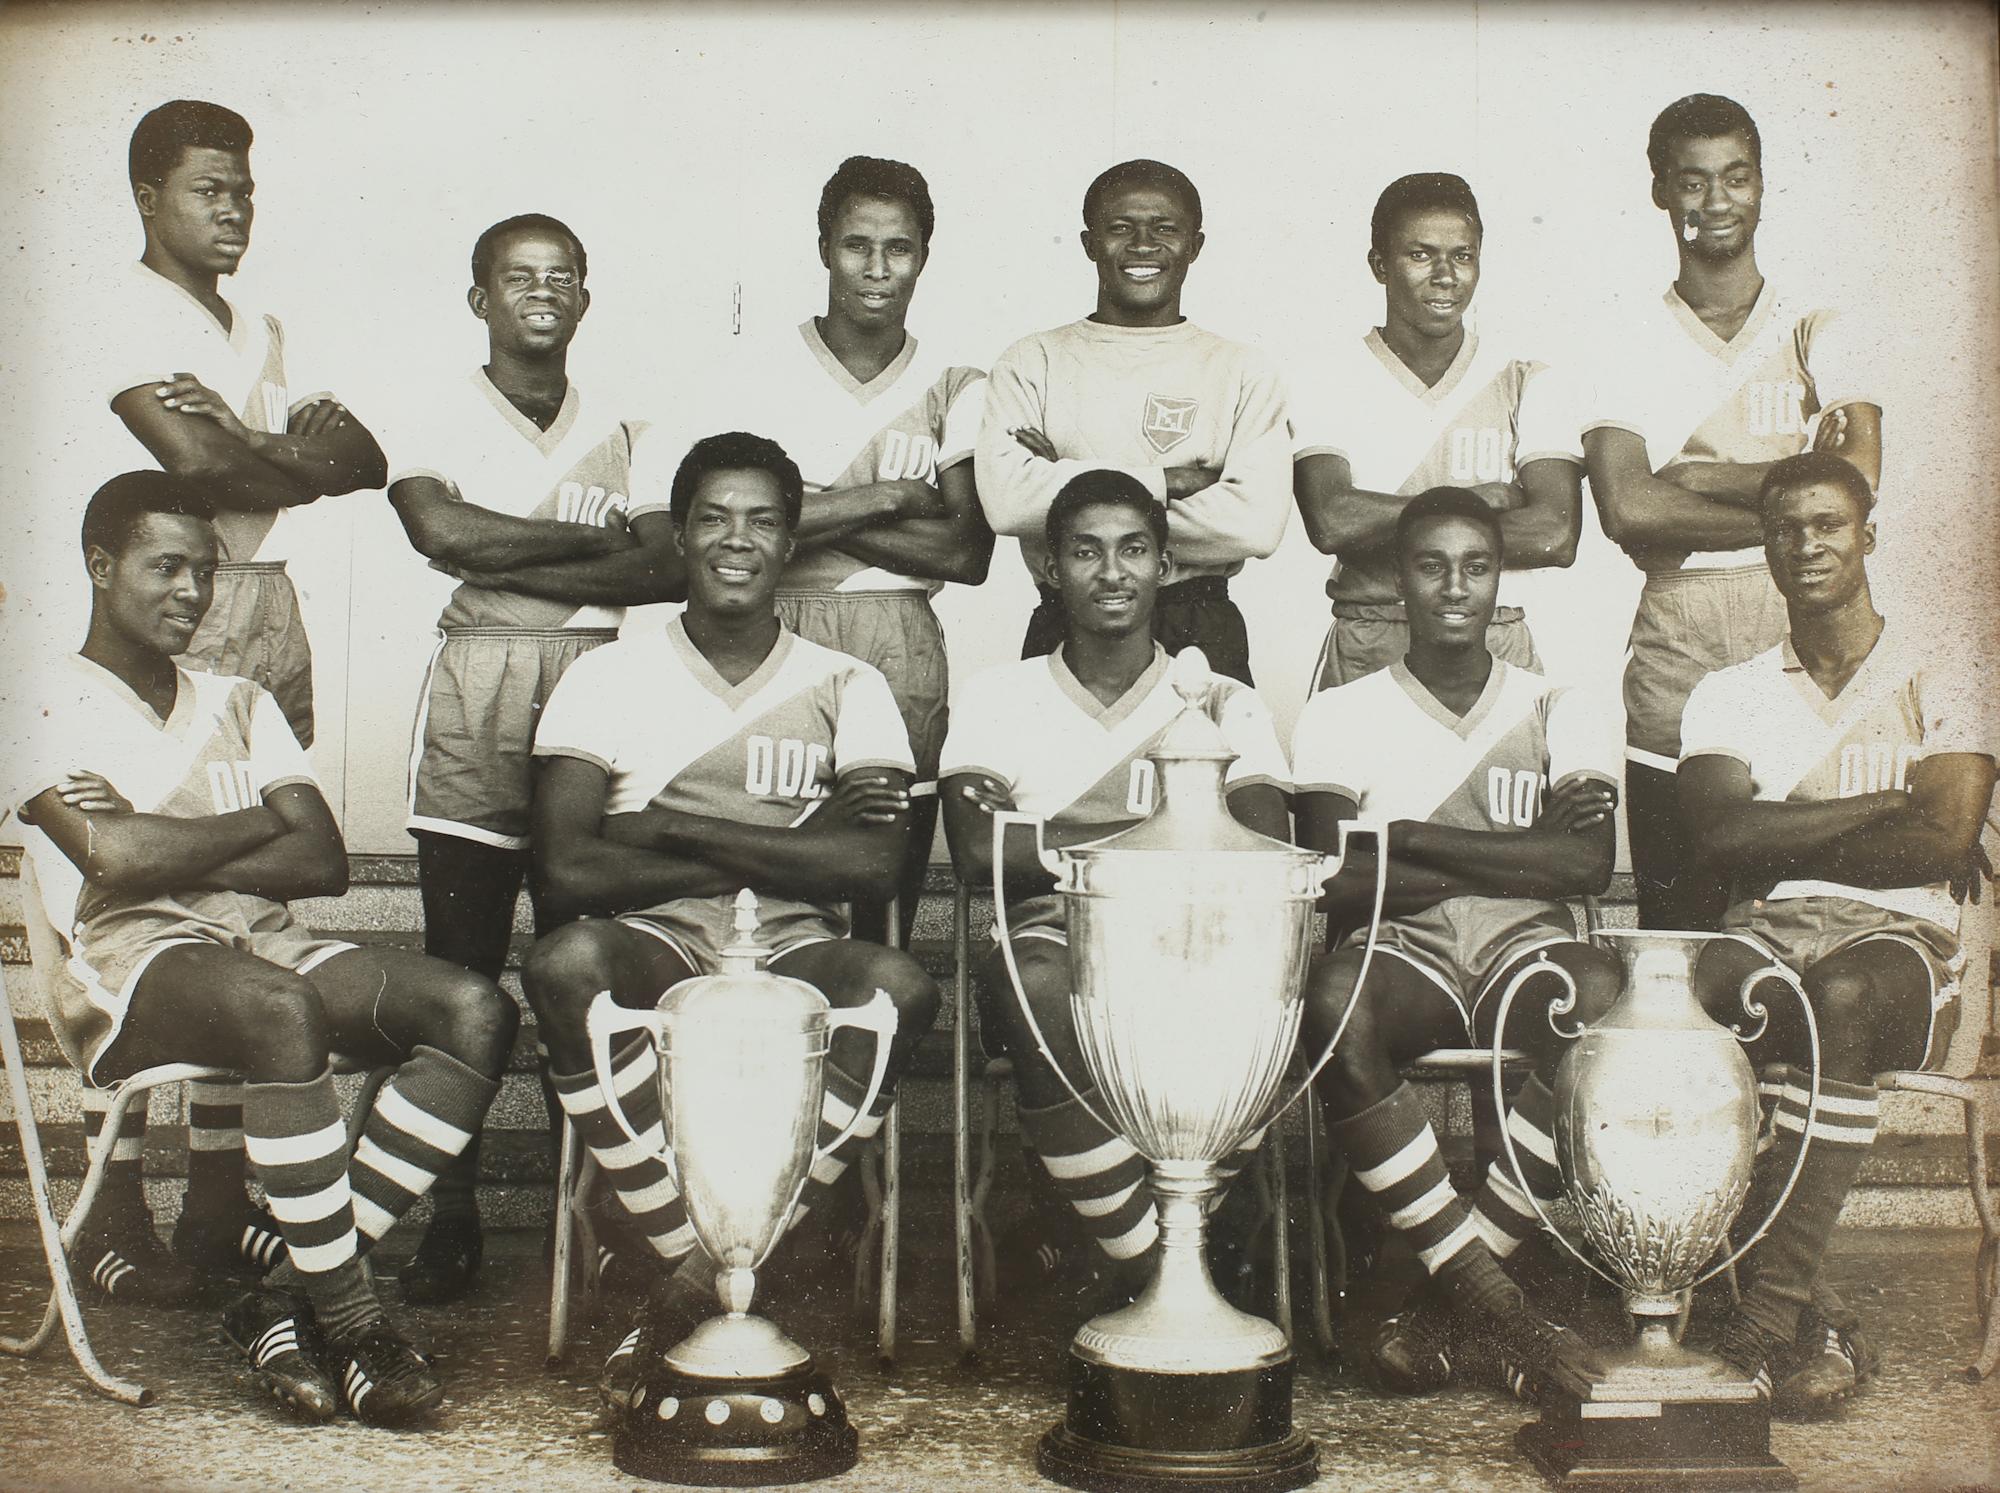 Ghana_football_team_1960s